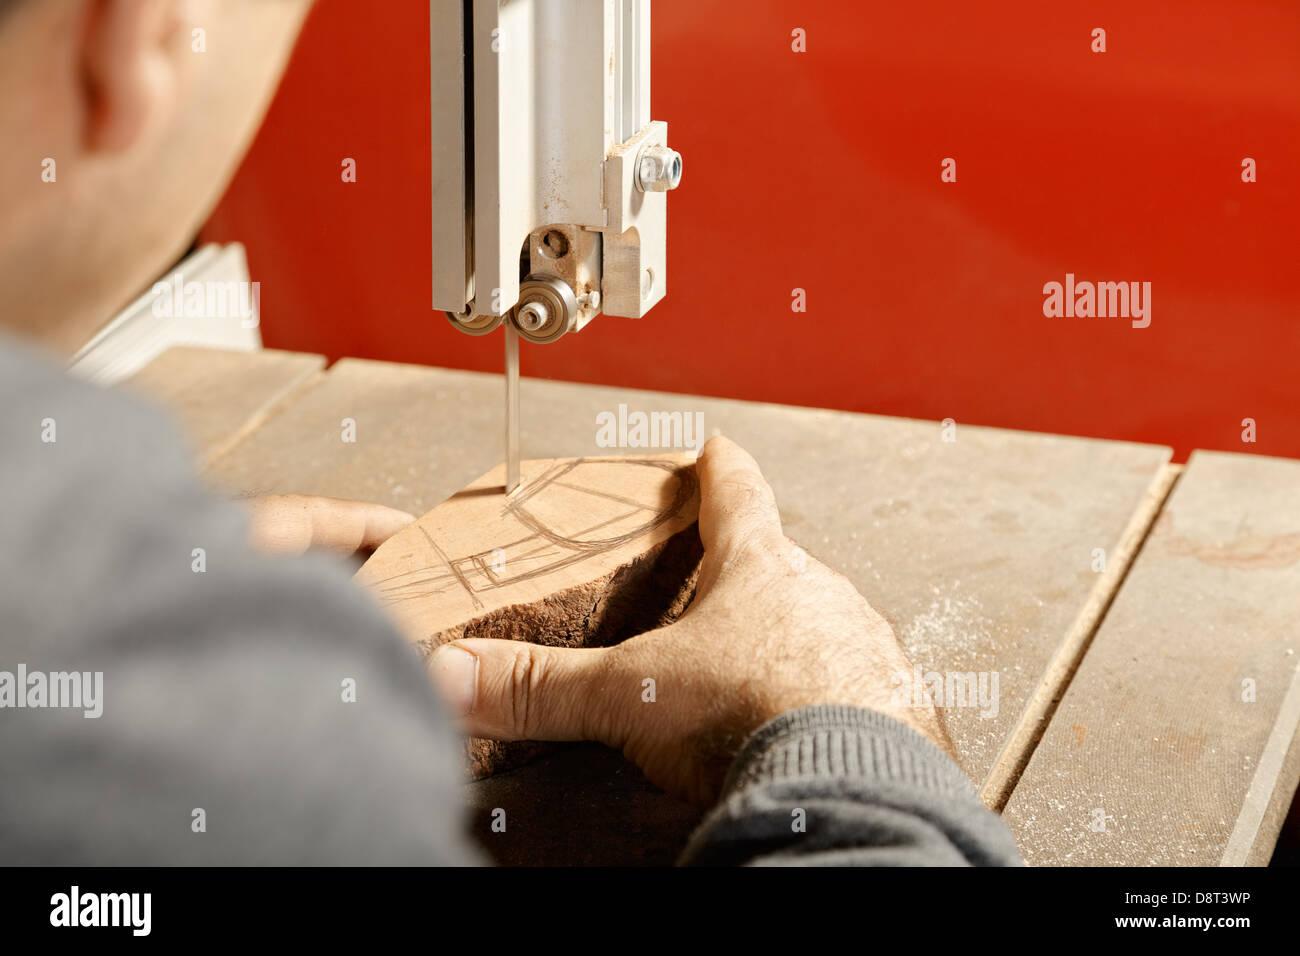 Artisan sawing billet - Stock Image